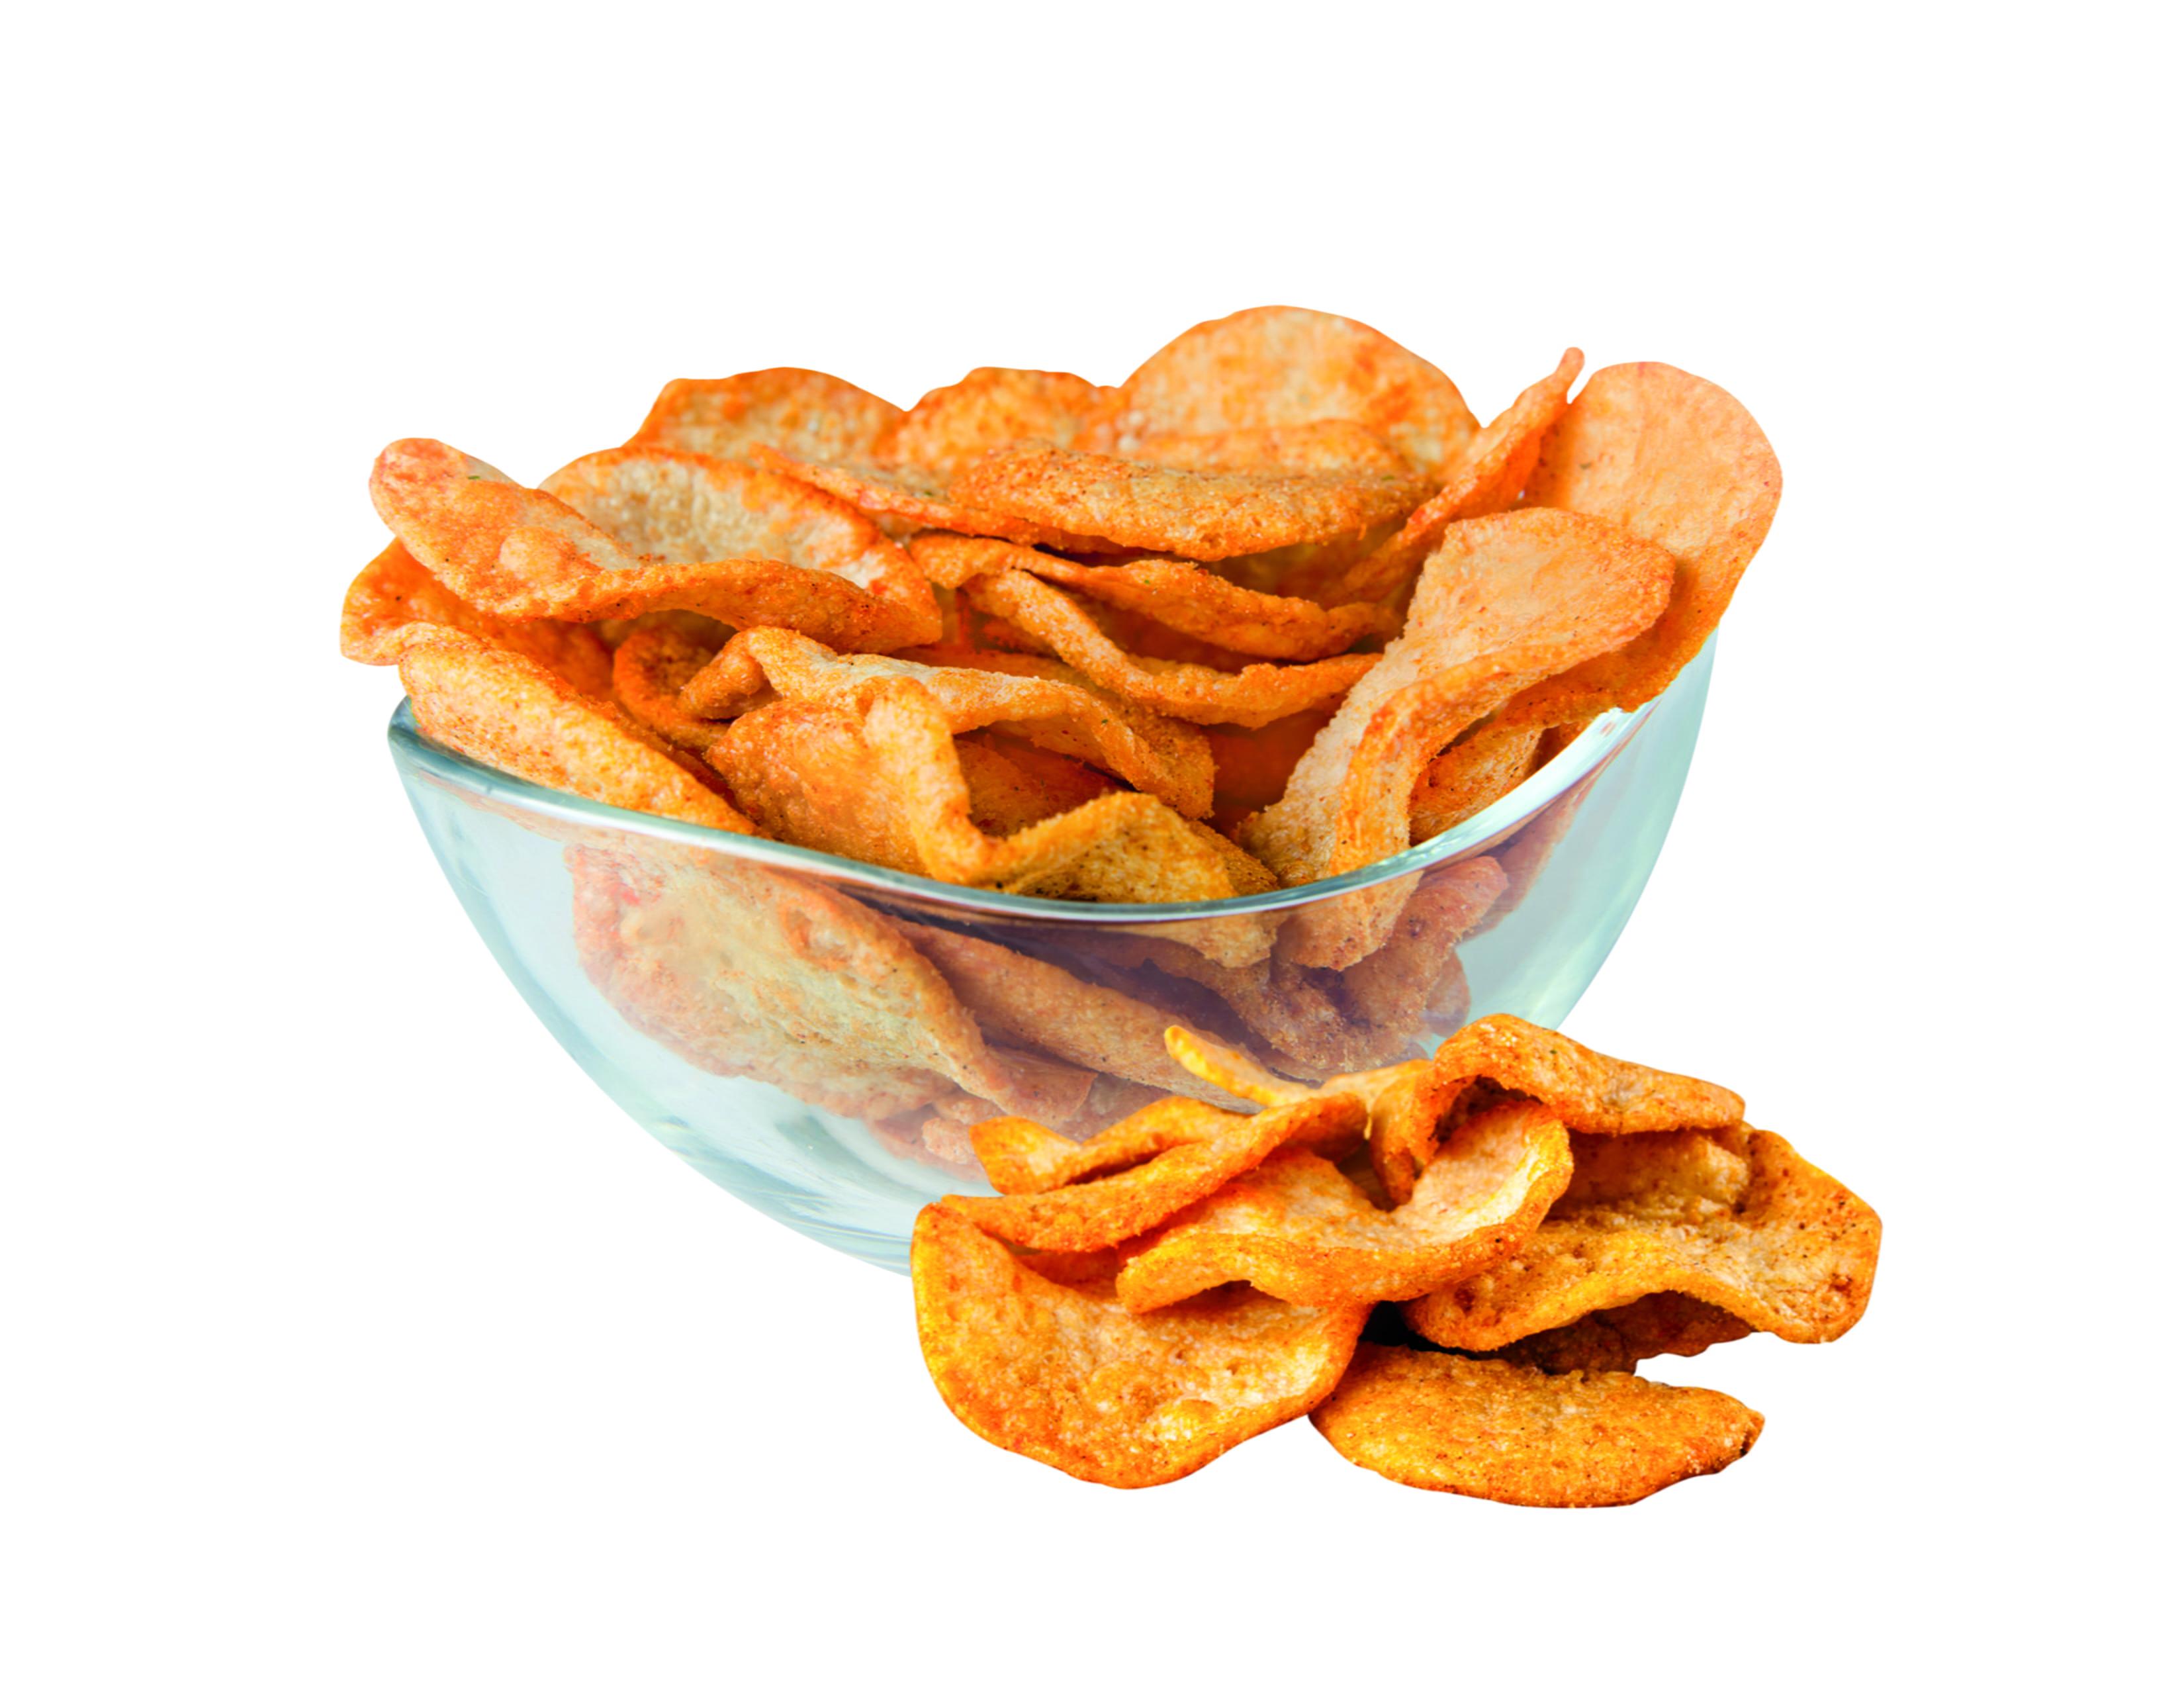 хомяки картинка чипсики сухарики укладке плитки